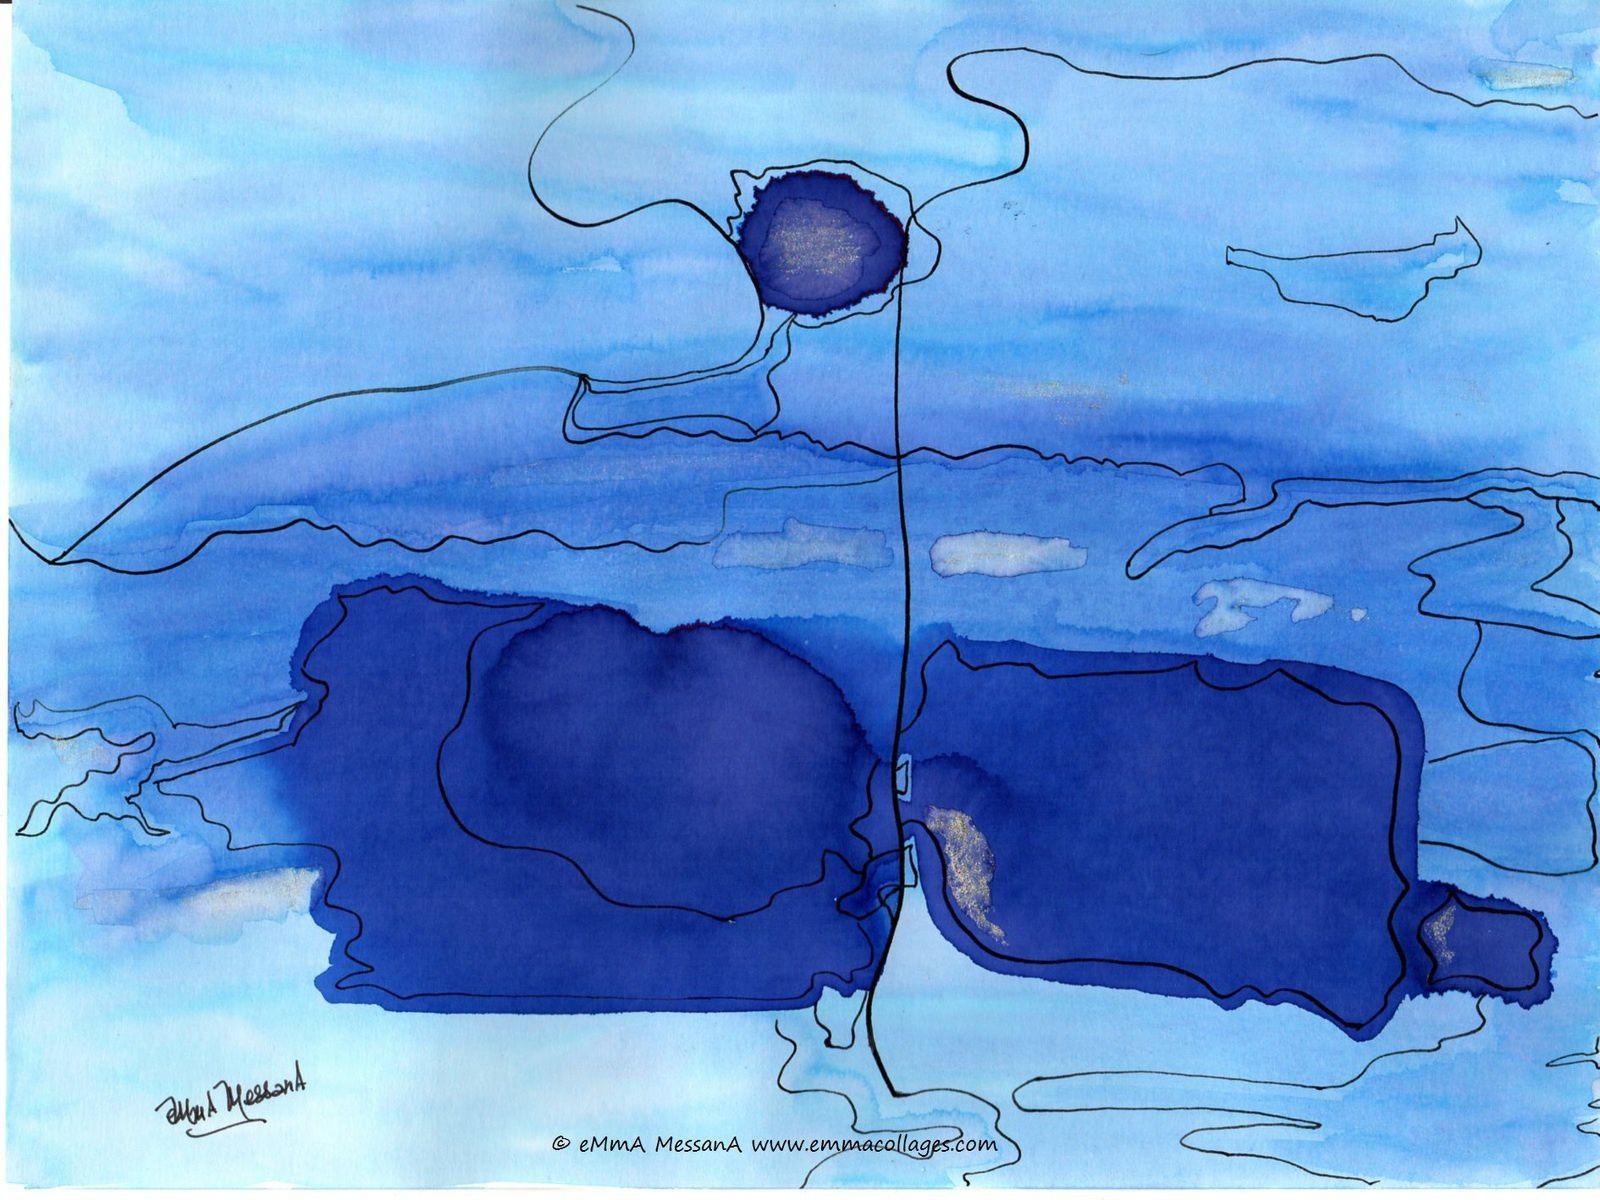 """Les Collages d'eMmA MessanA, encre """"Cartographie azurée"""", pièce unique  © eMmA MessanA"""